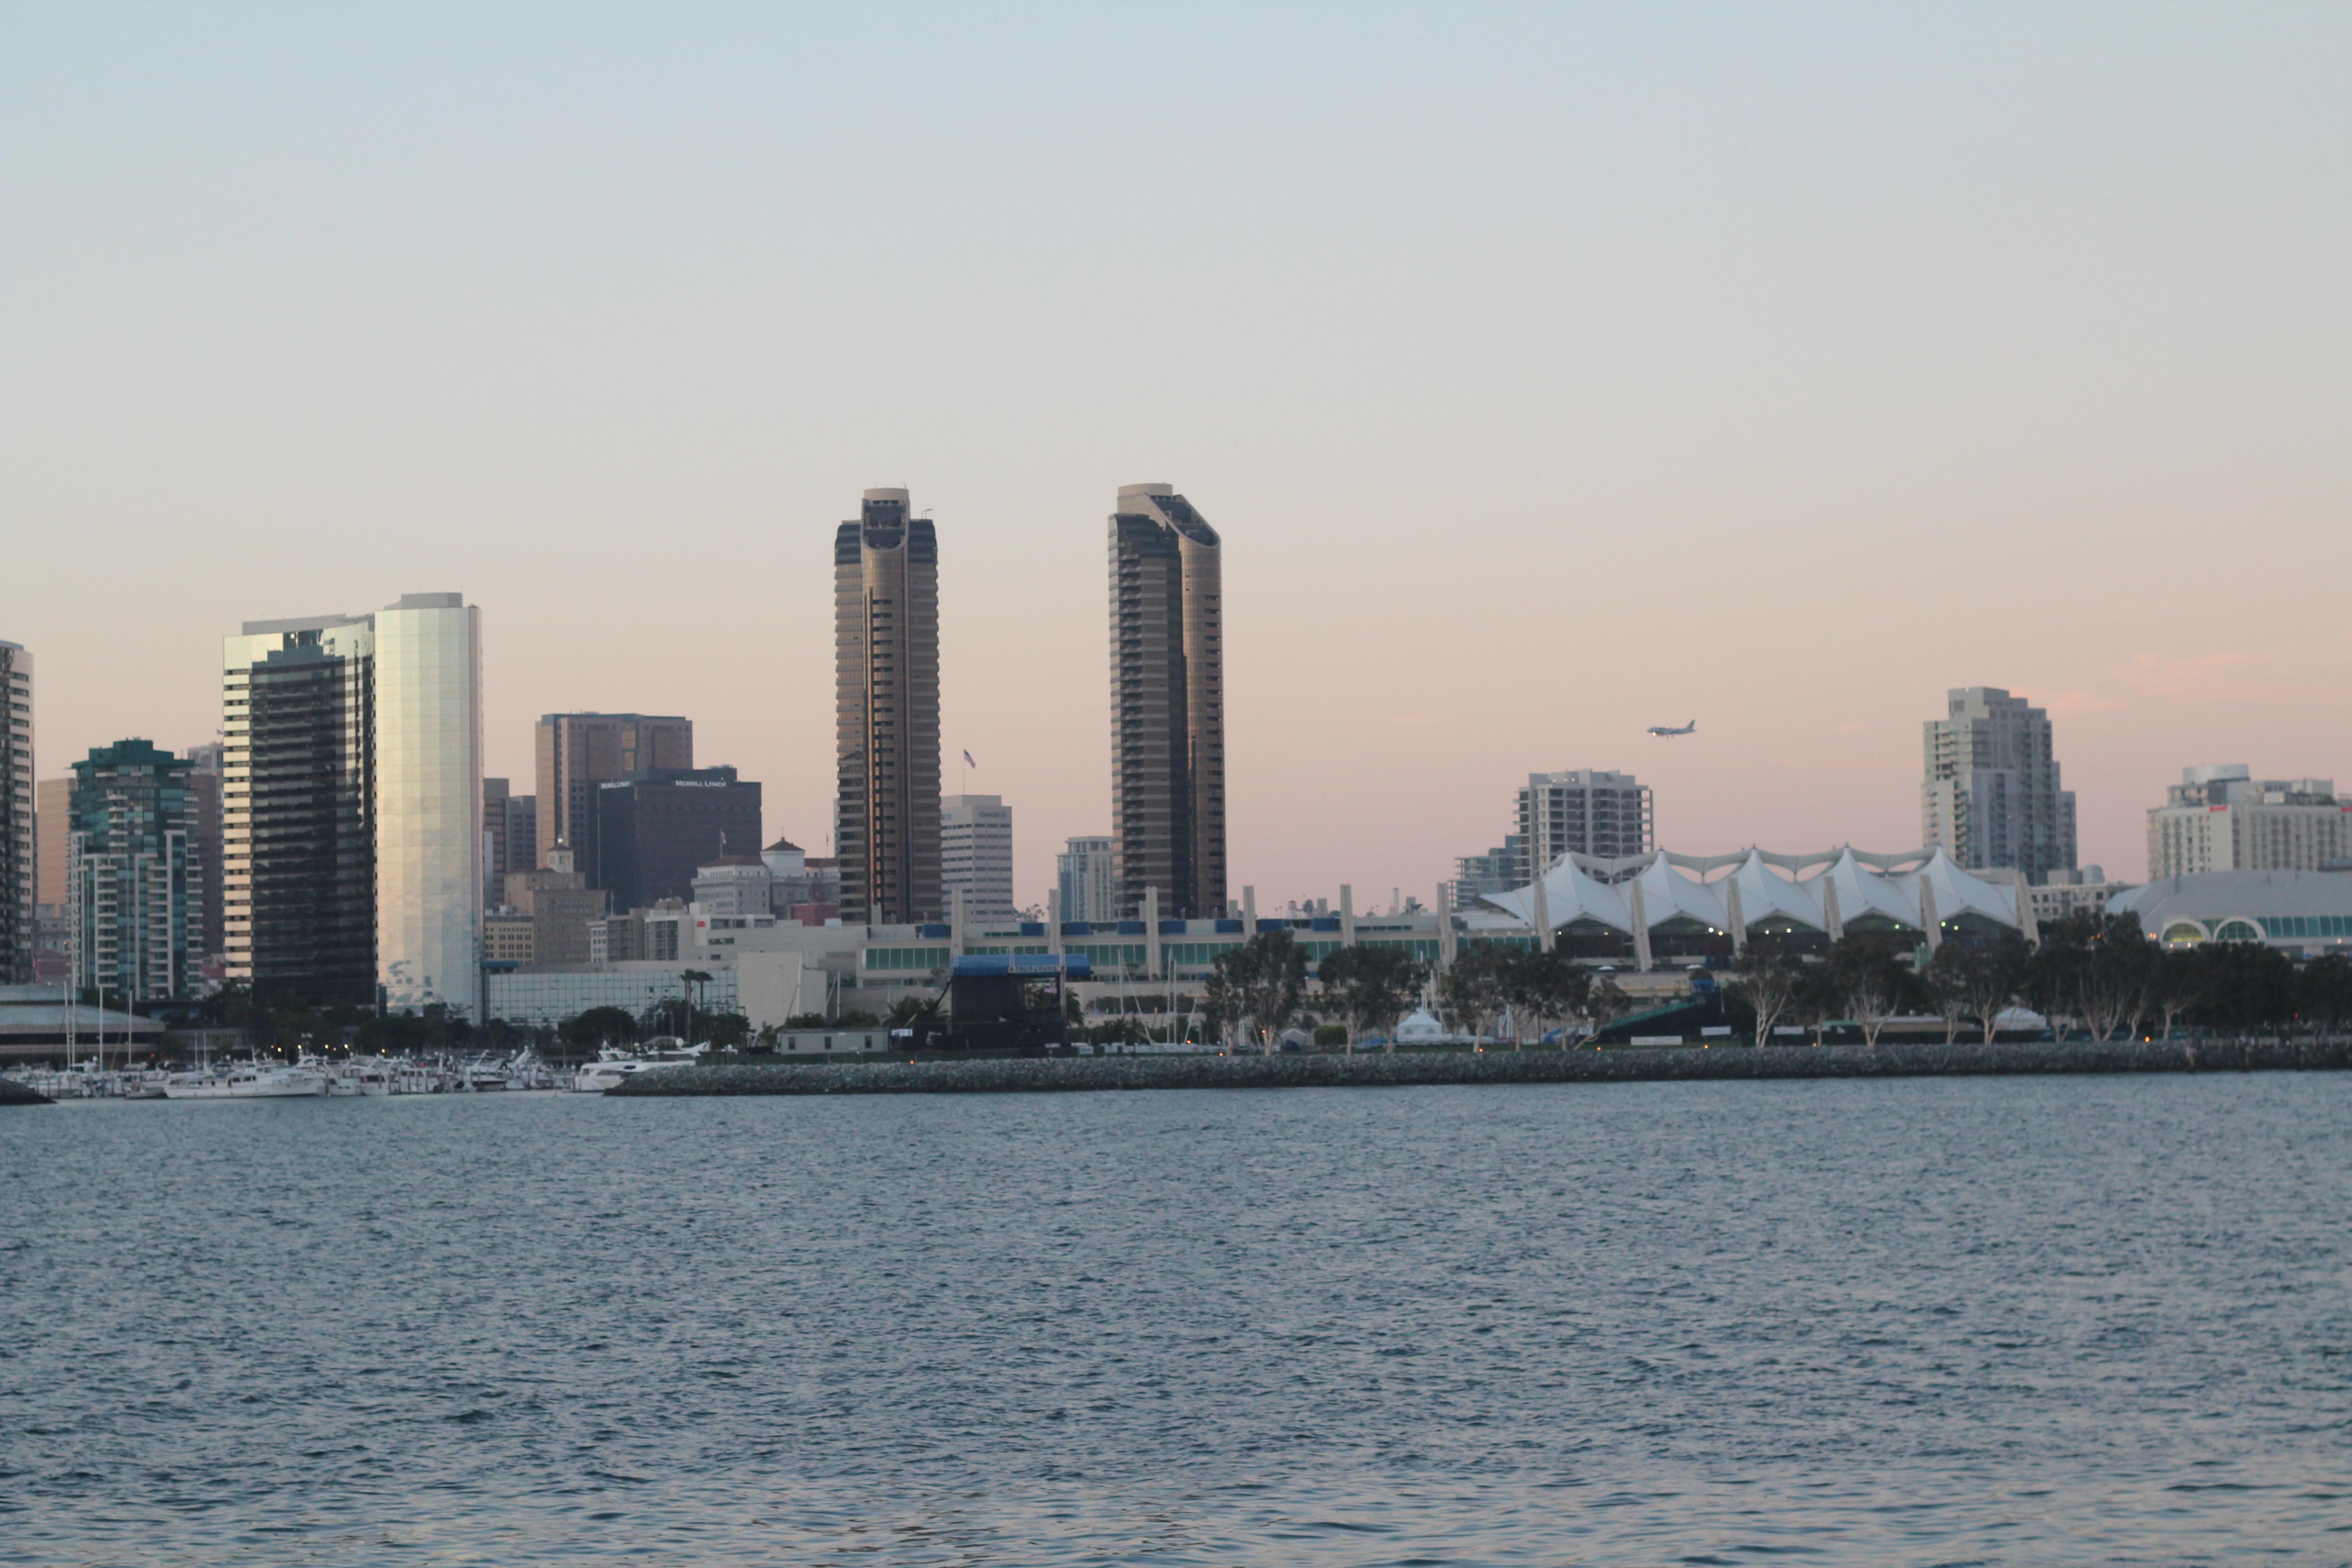 Ảnh 1: Một góc thành phố San Diego ở miền nam California.